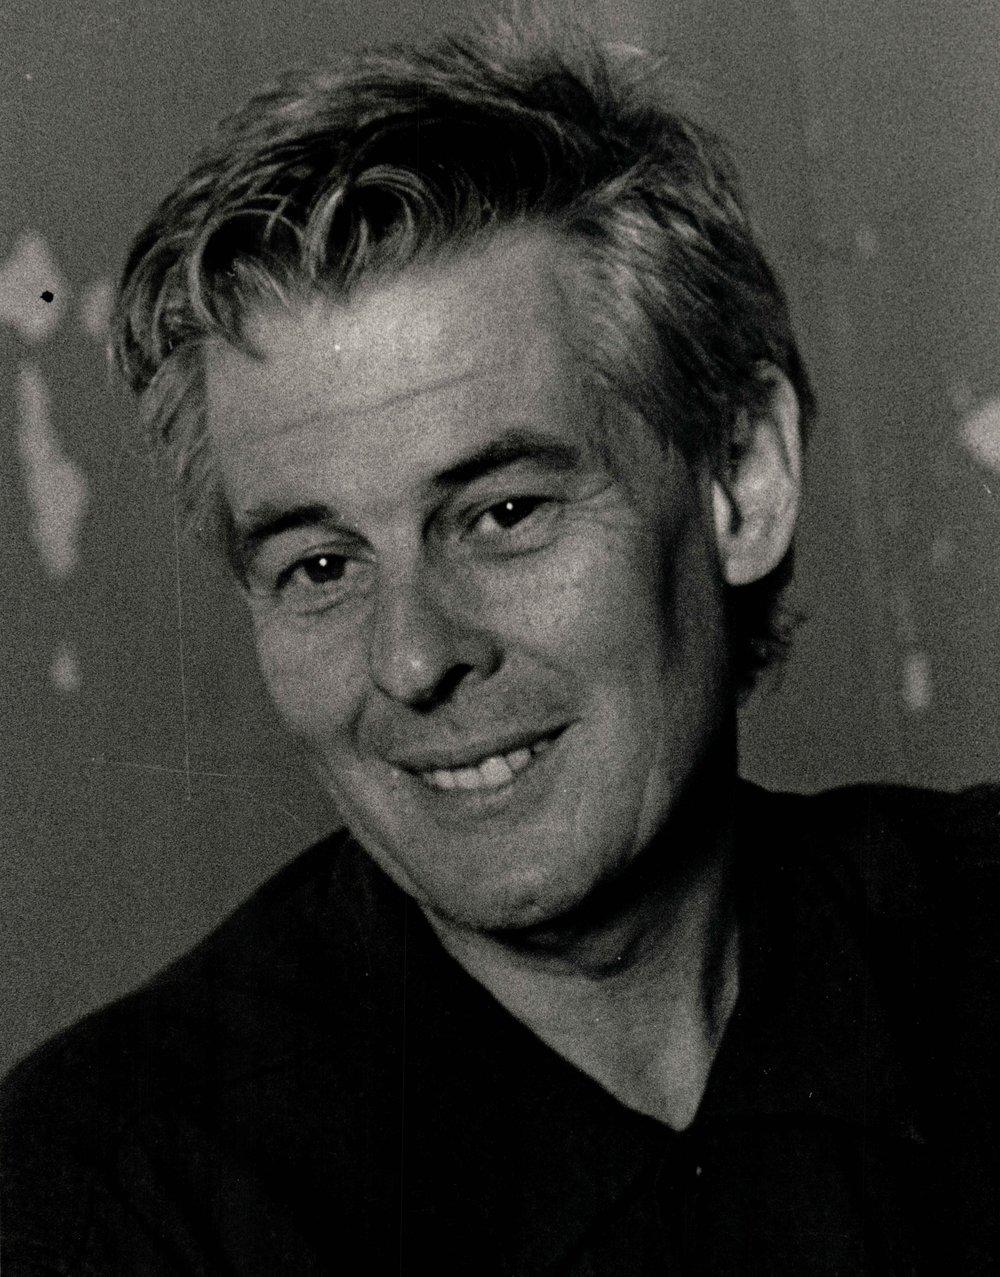 Allan Browne